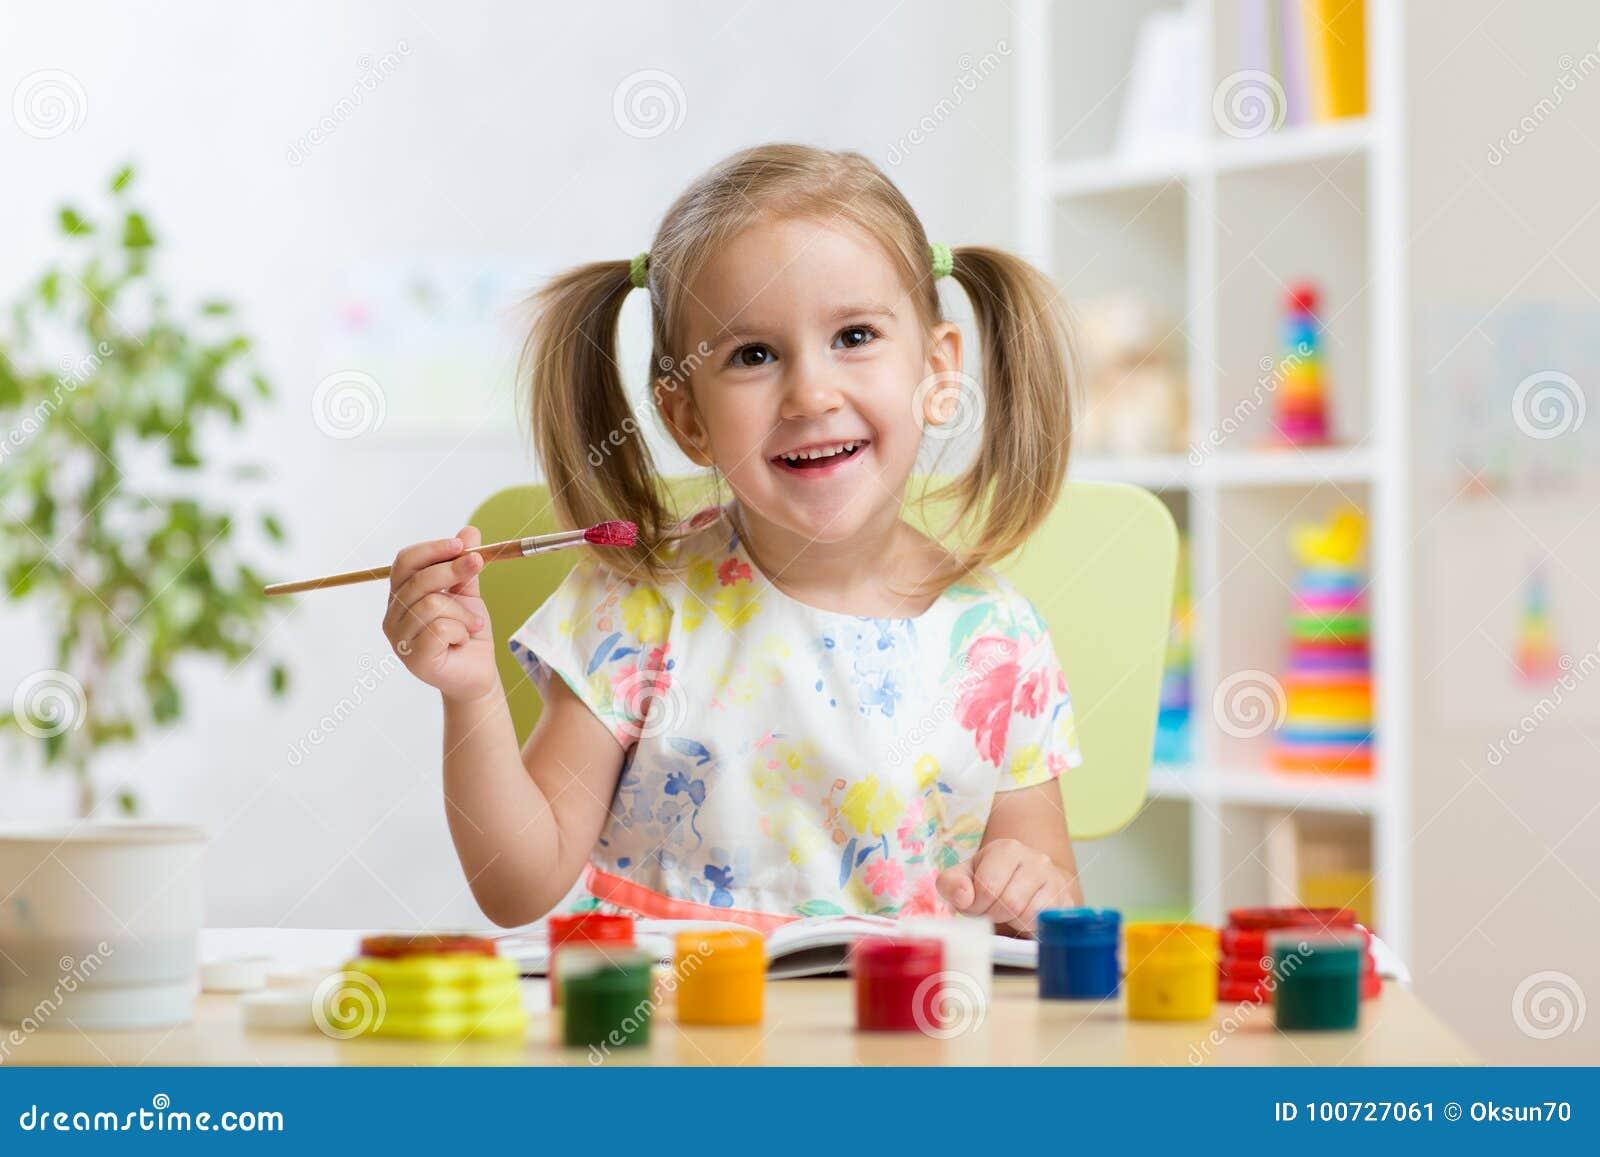 Immagine sveglia della pittura della ragazza del bambino su fondo interno domestico